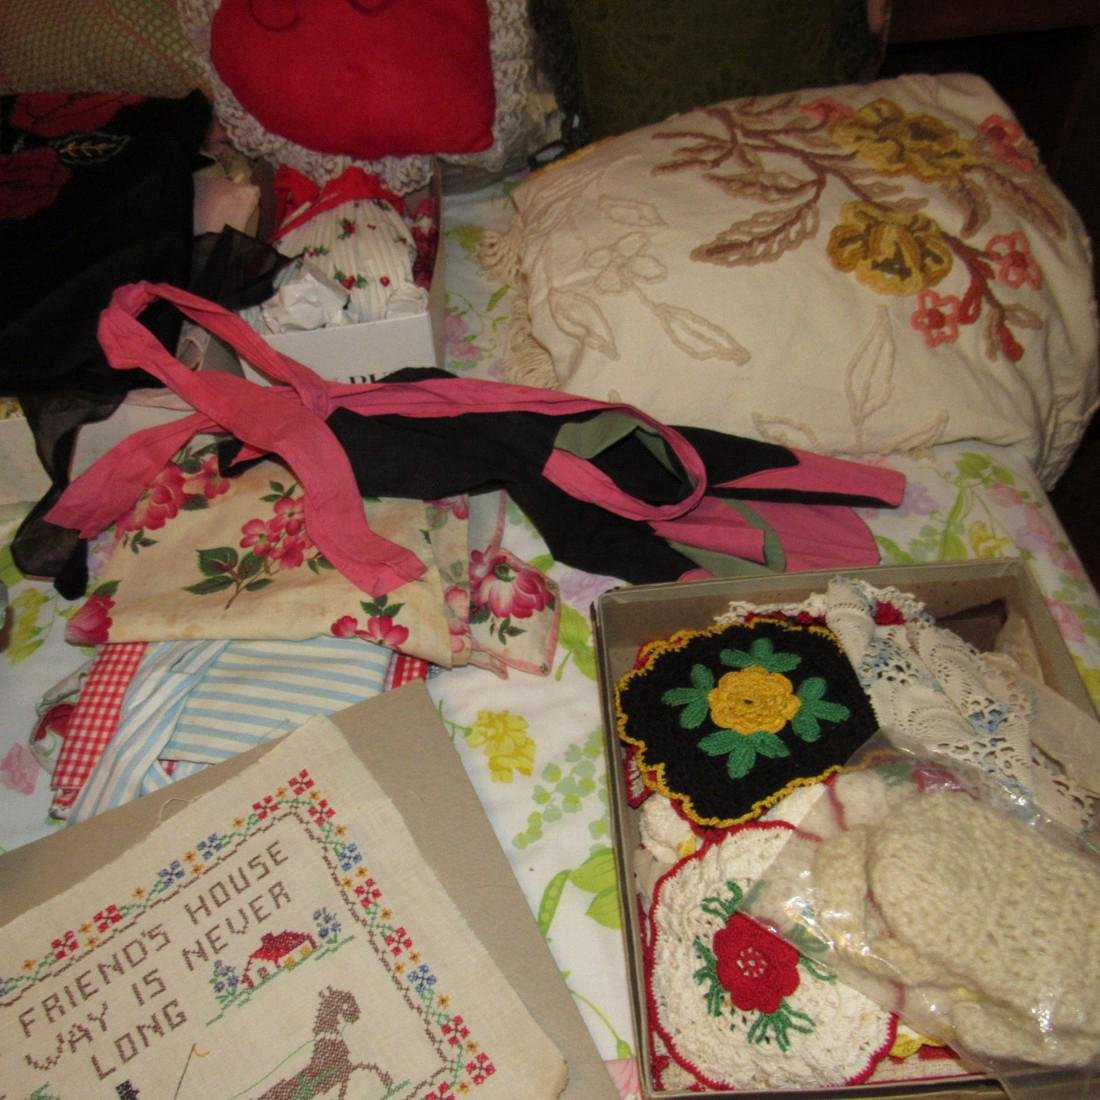 Bedspreads Pillows Blankets Doilies Hangers - 4